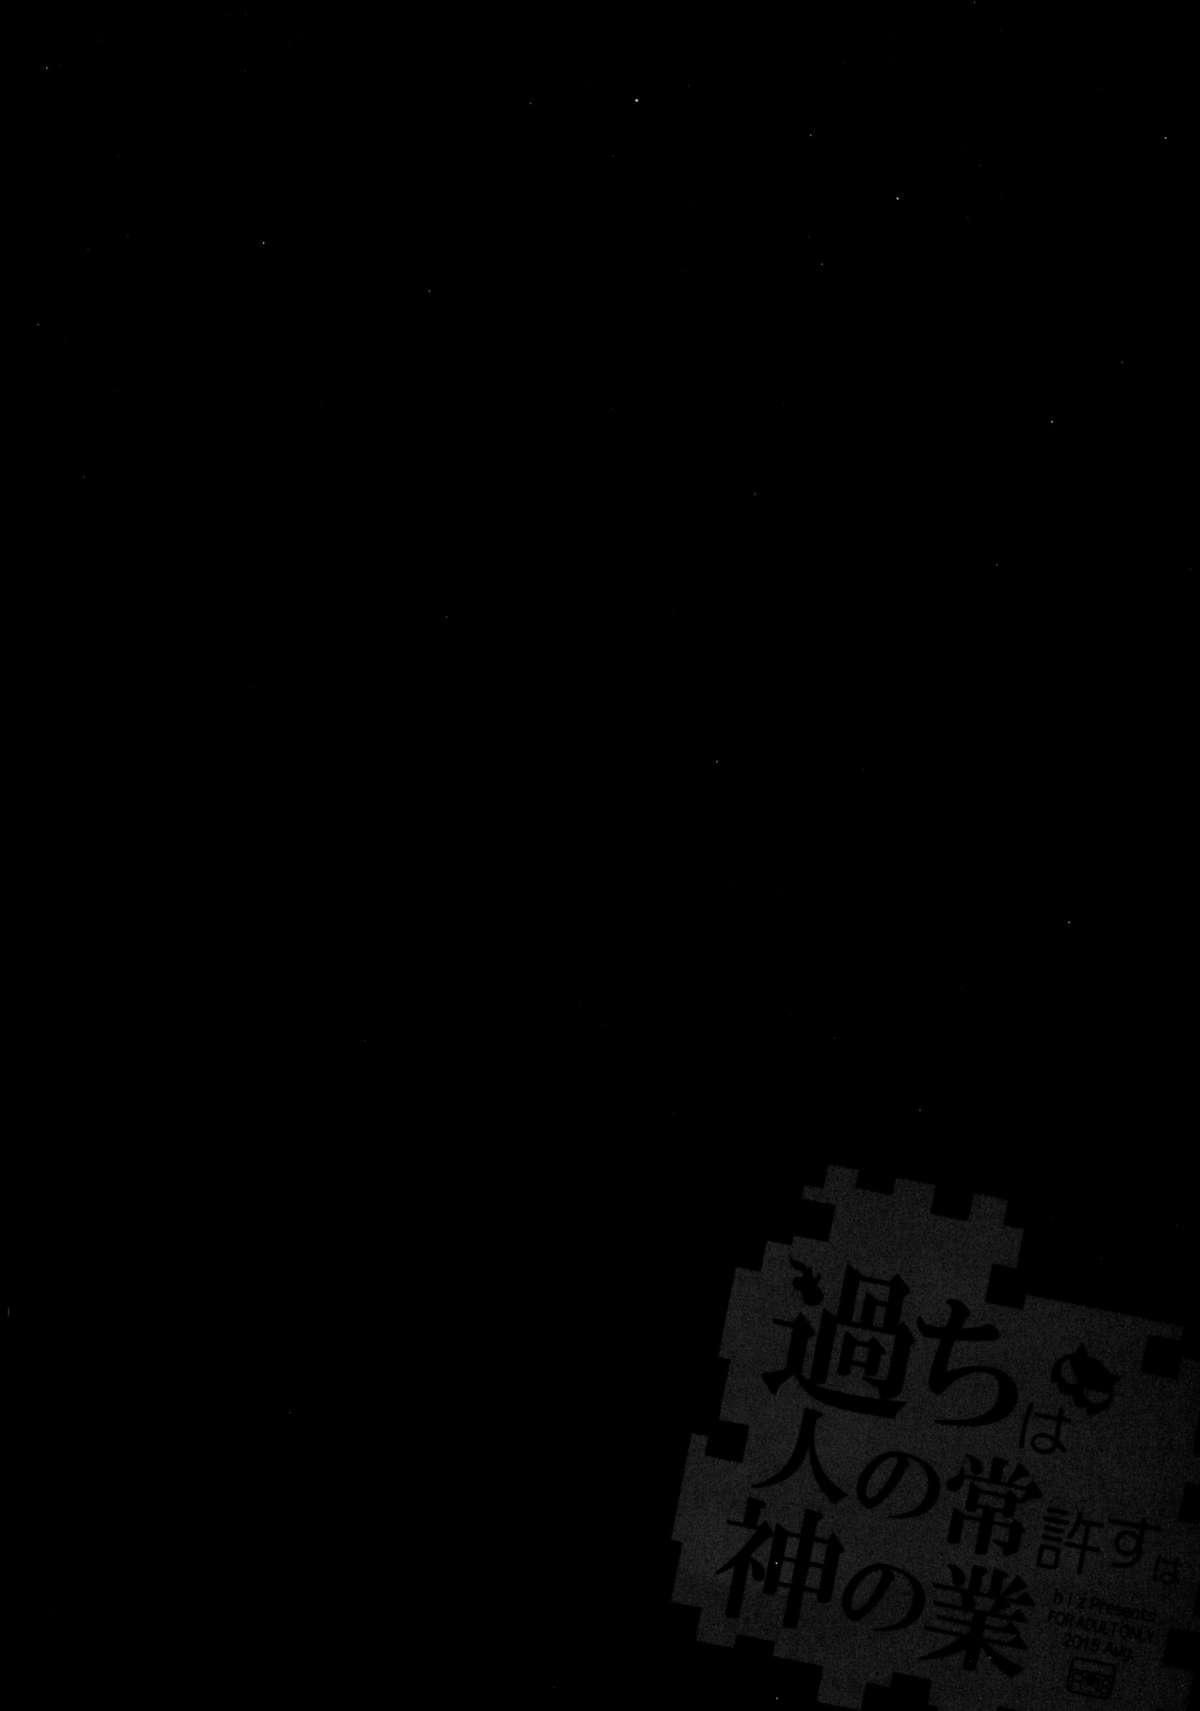 Ayamachi wa Hito no Tsune Yurusu wa Kami no Gou 3